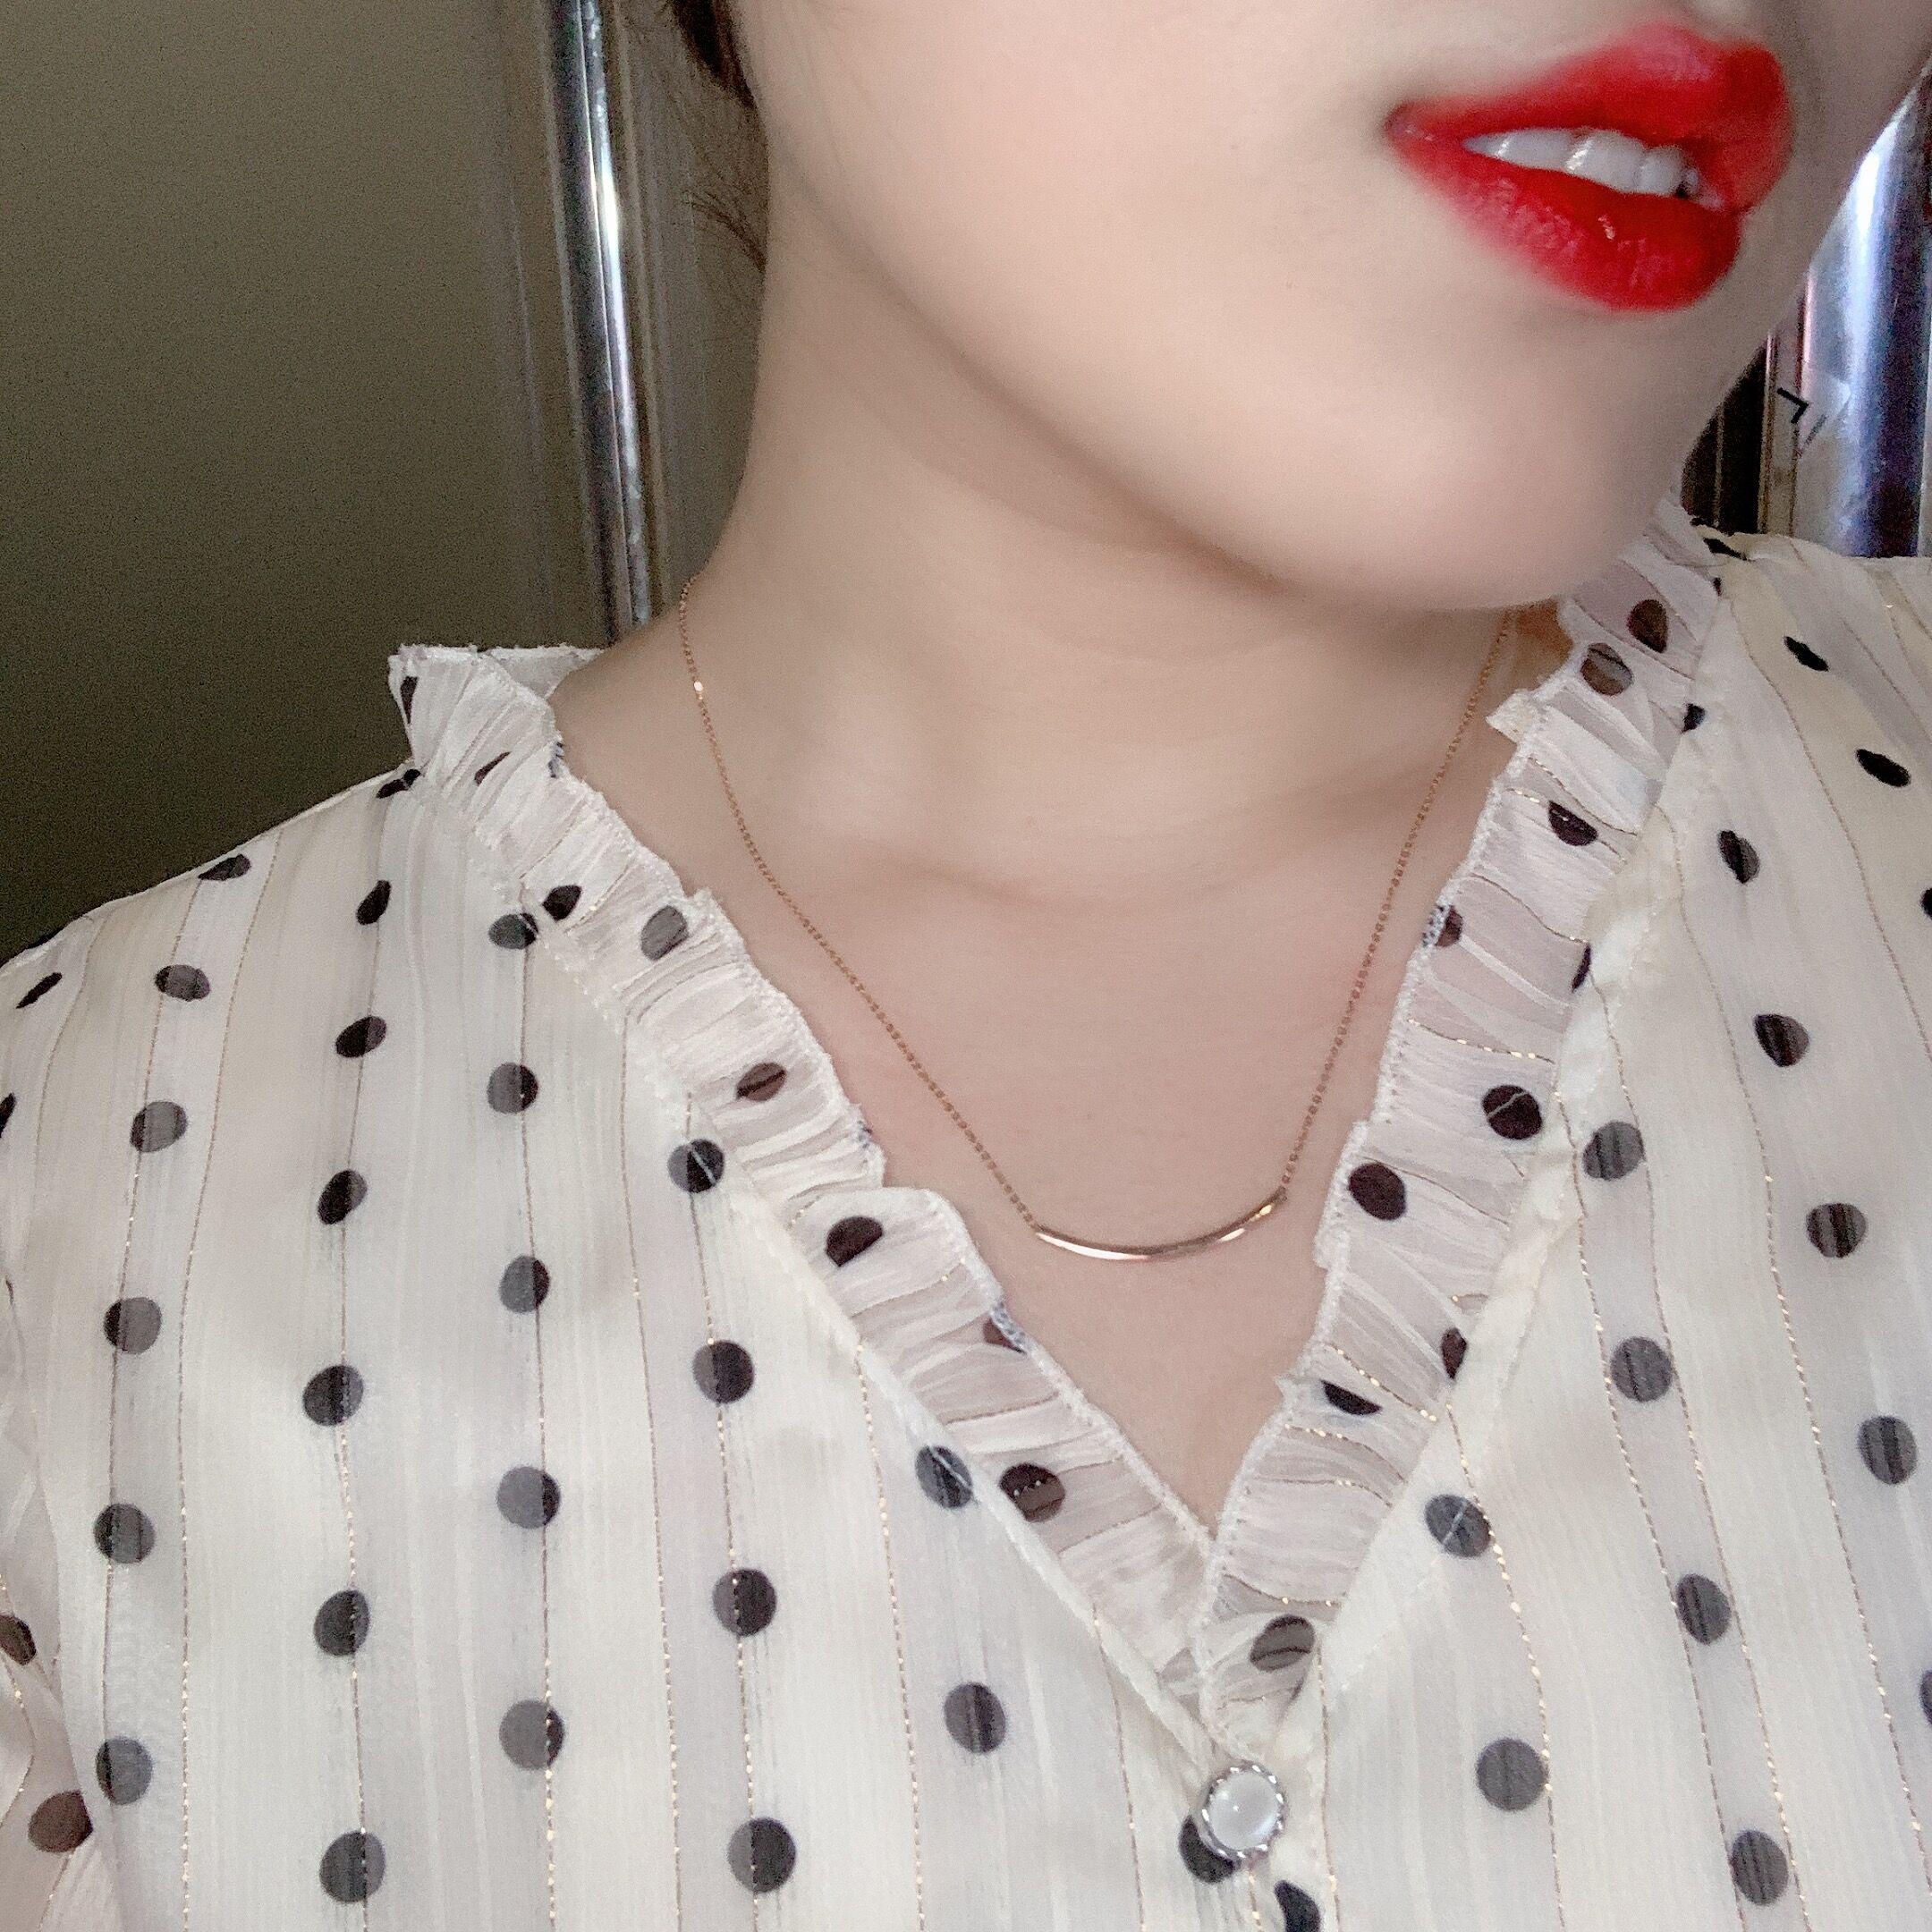 寸可调节 18 16 金双面笑脸项链 18K 小俊香港六福珠宝